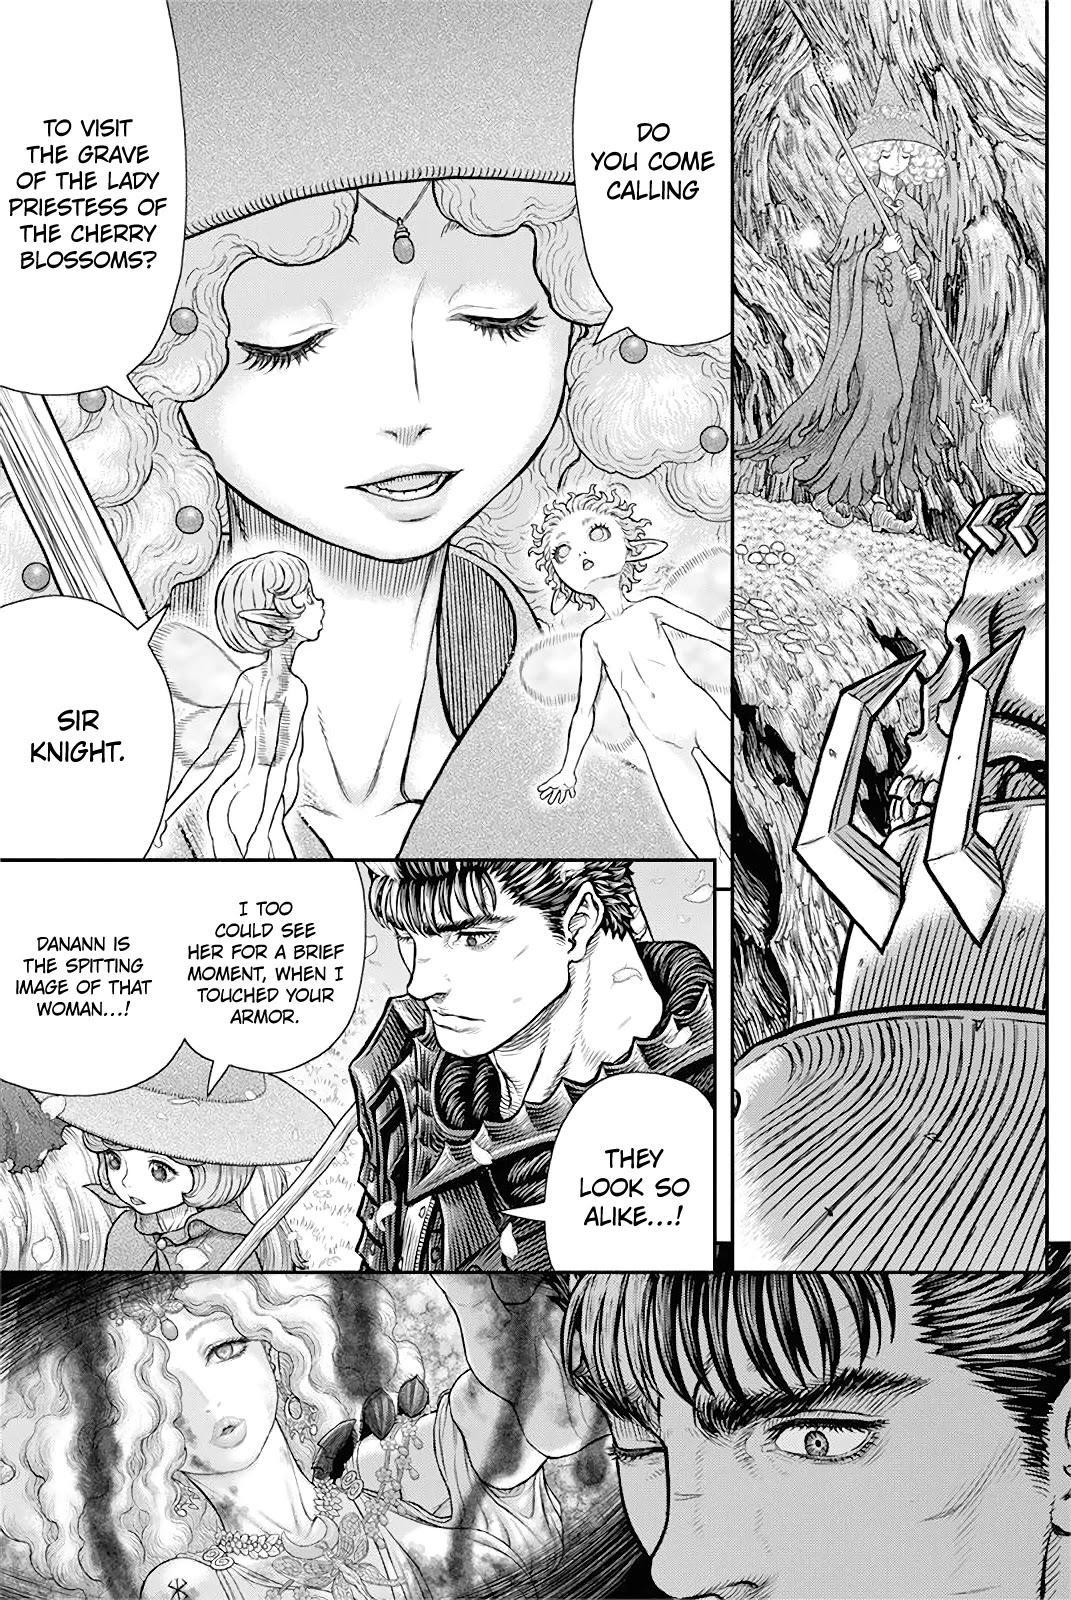 Berserk Chapter 363: Leaping Monkey page 3 - Mangakakalot